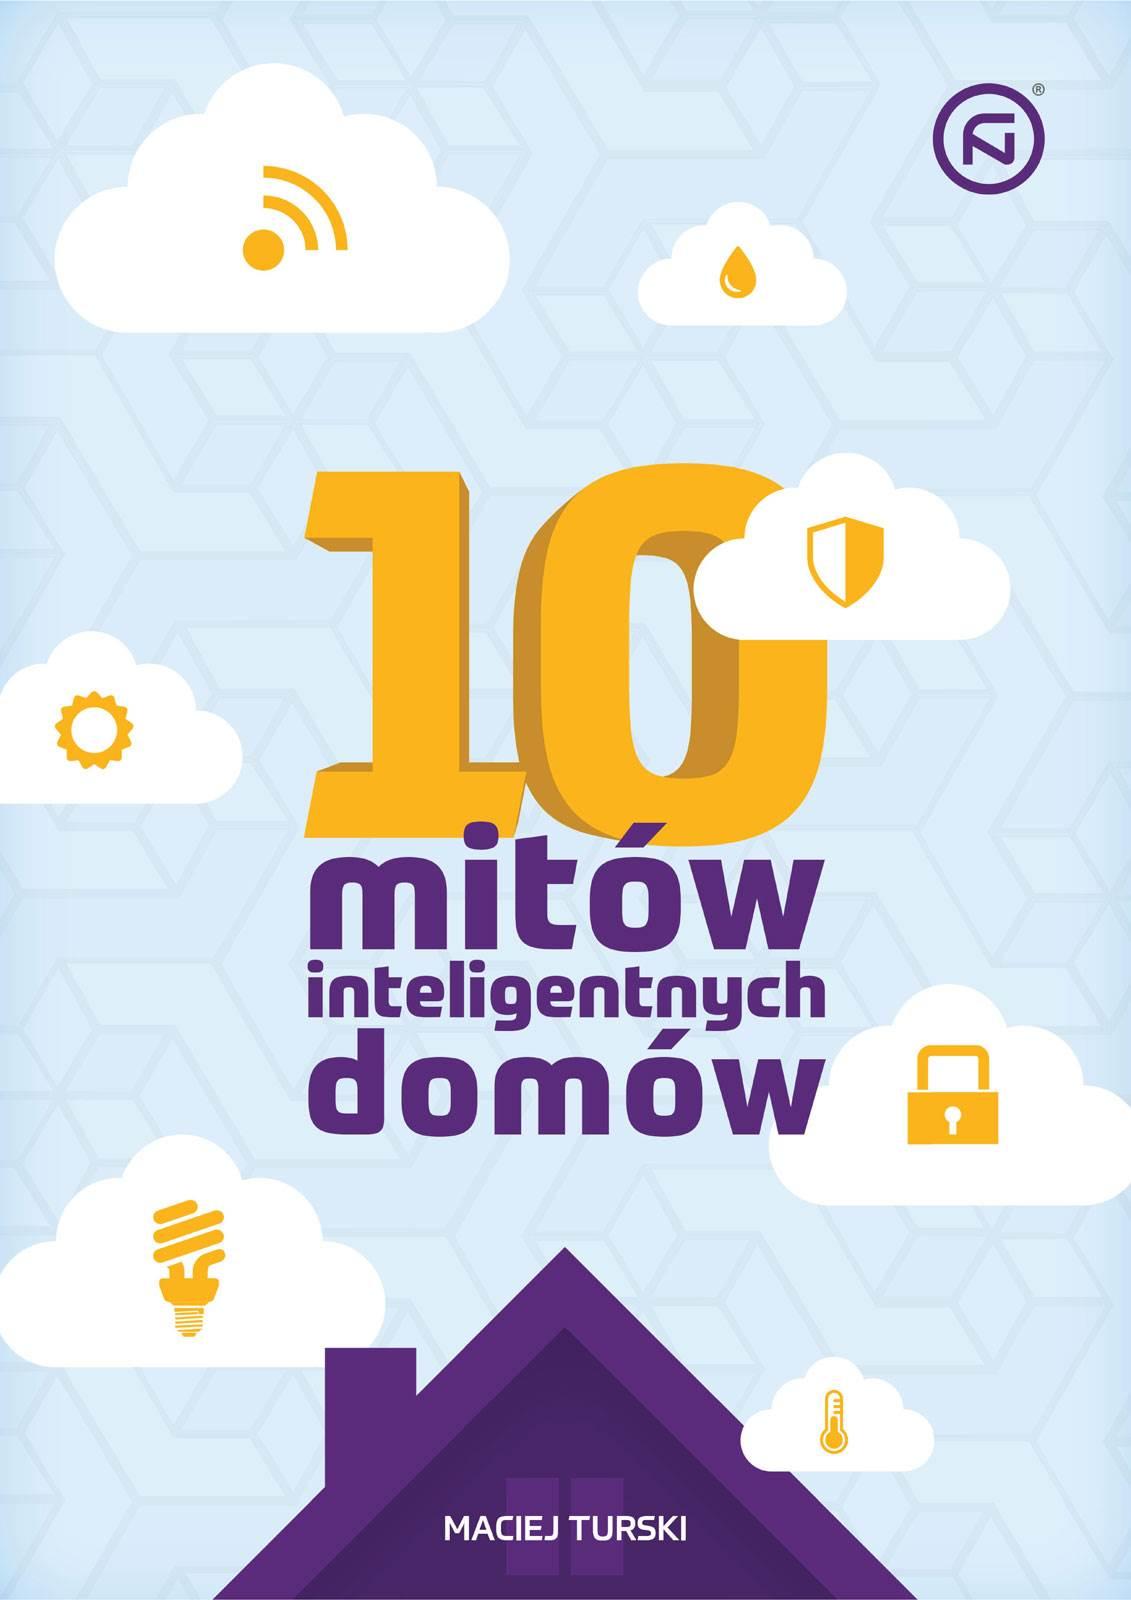 """10 mitow inteligentnych domow wesprzyj wydanie ksiazki - """"10 mitów inteligentnych domów"""" - wesprzyj wydanie książki"""